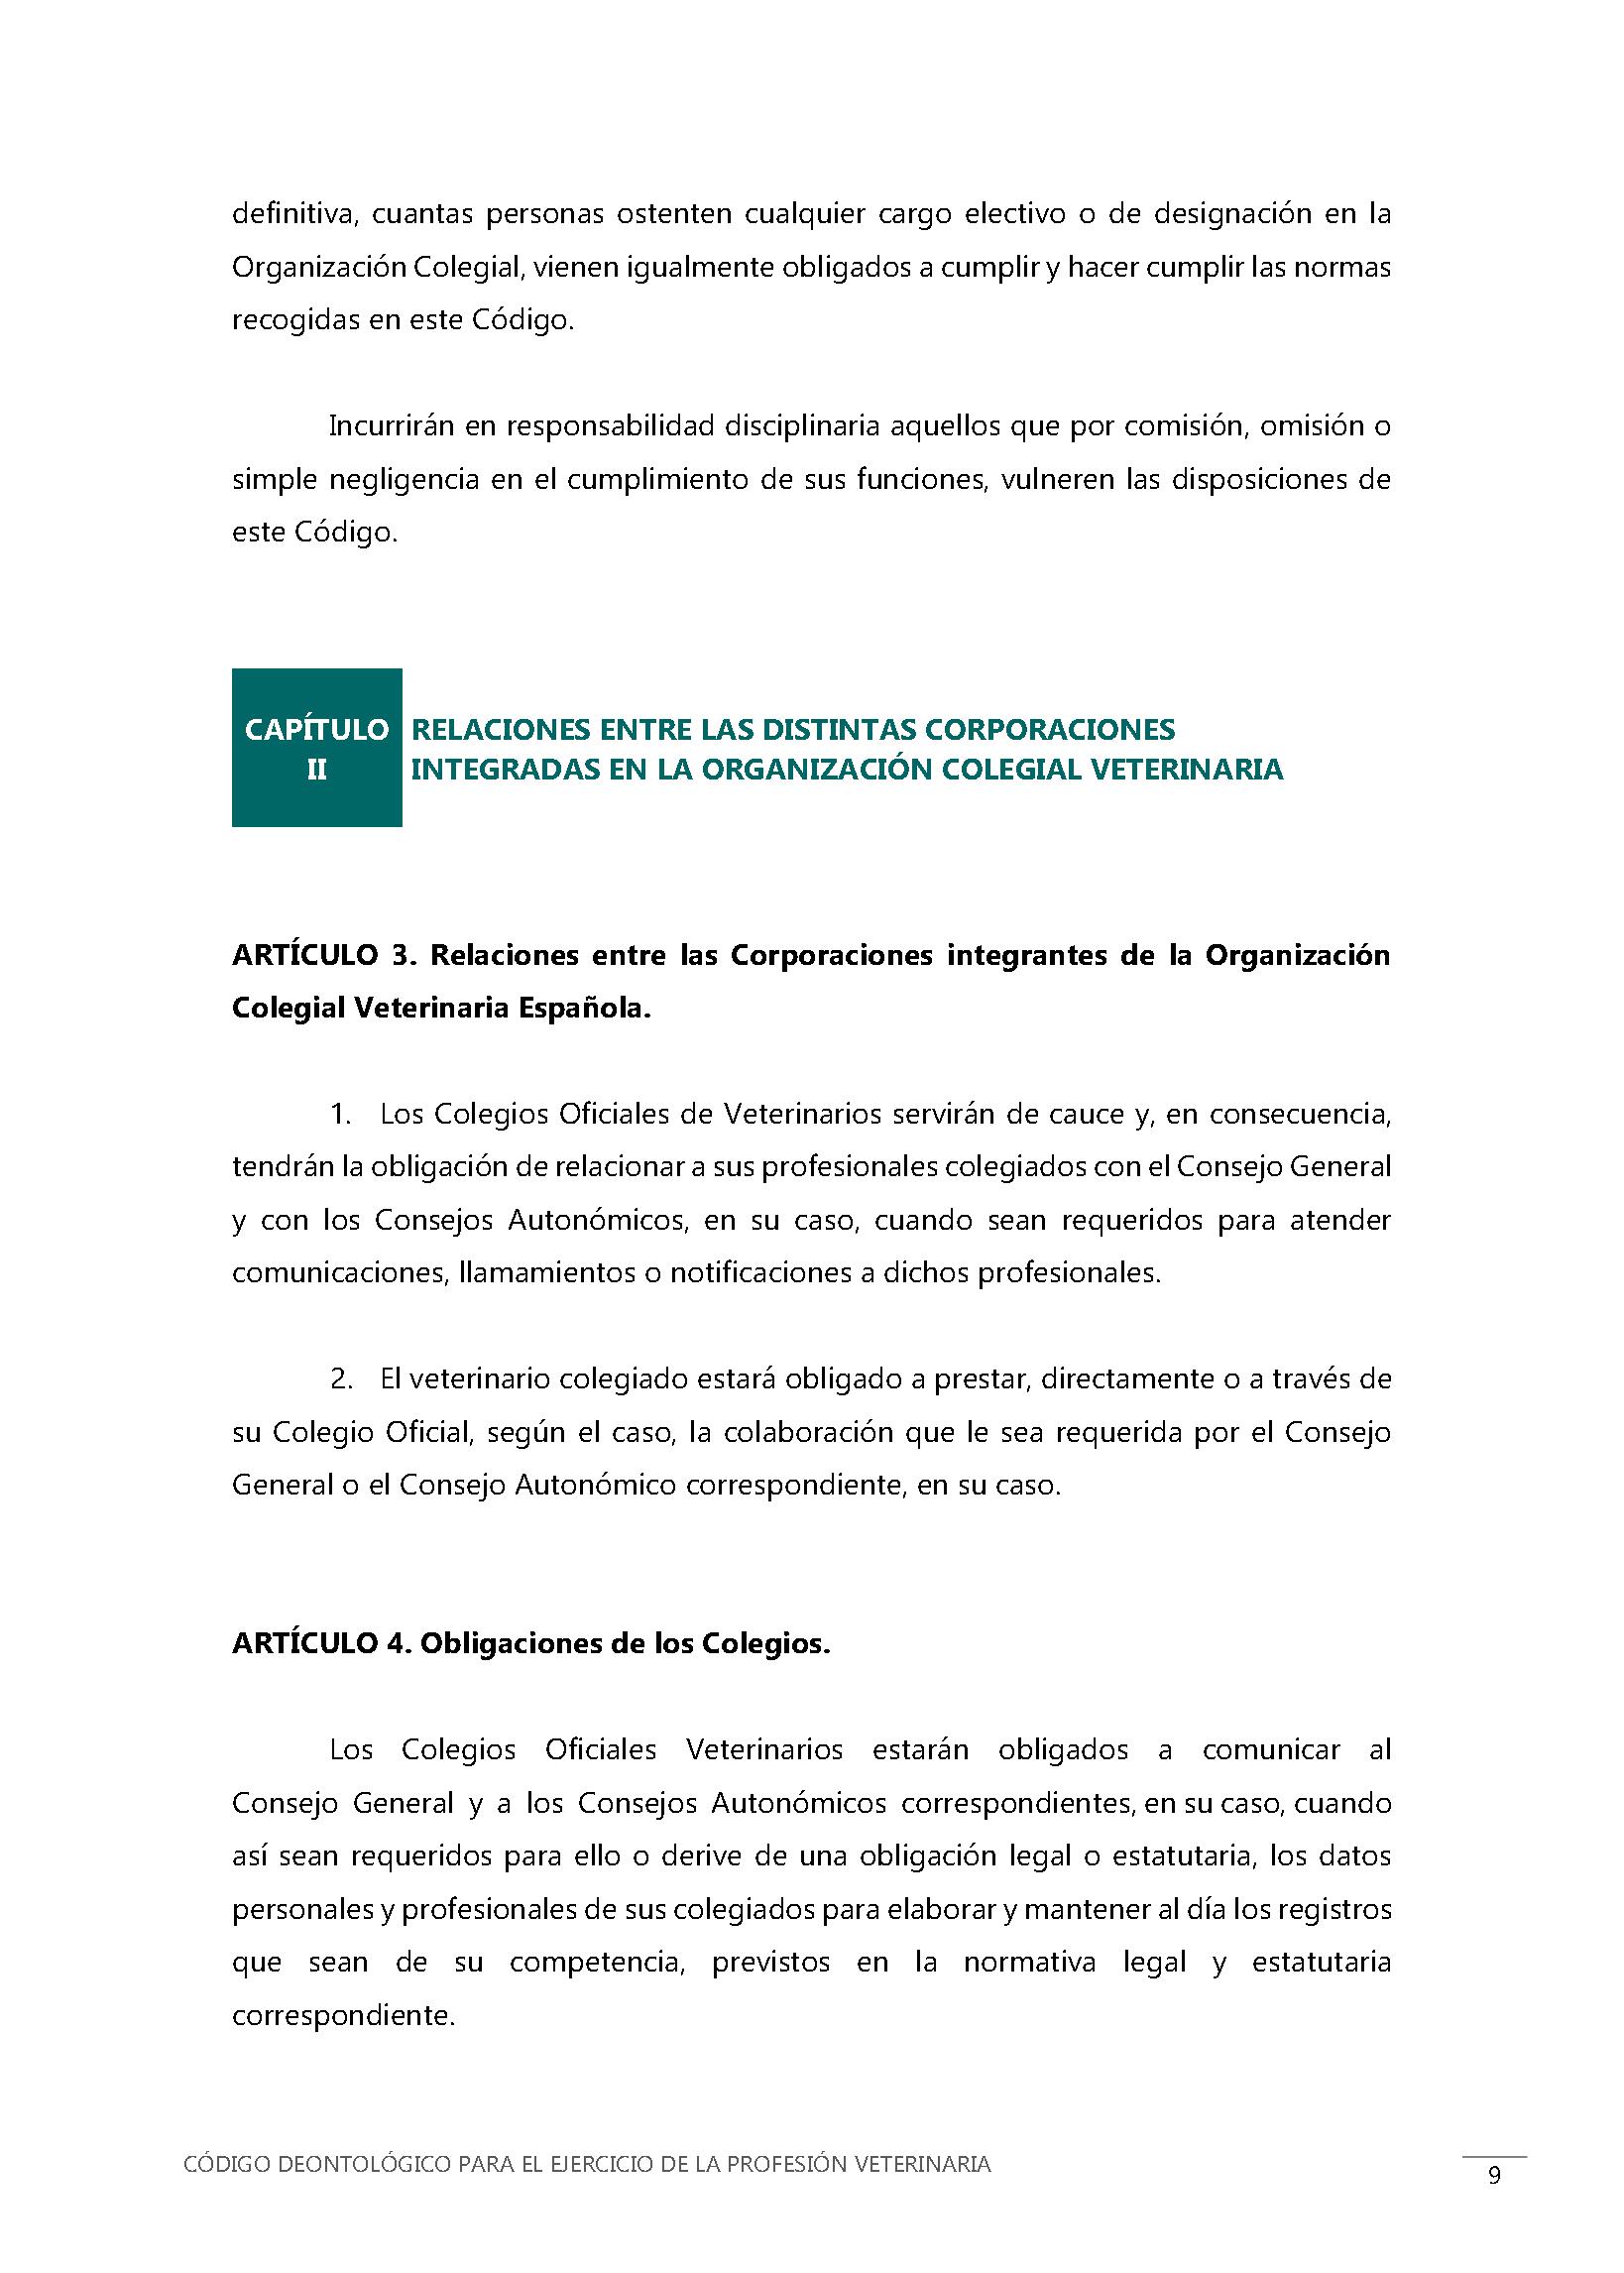 codigo deontológico dic 2018_Página_11